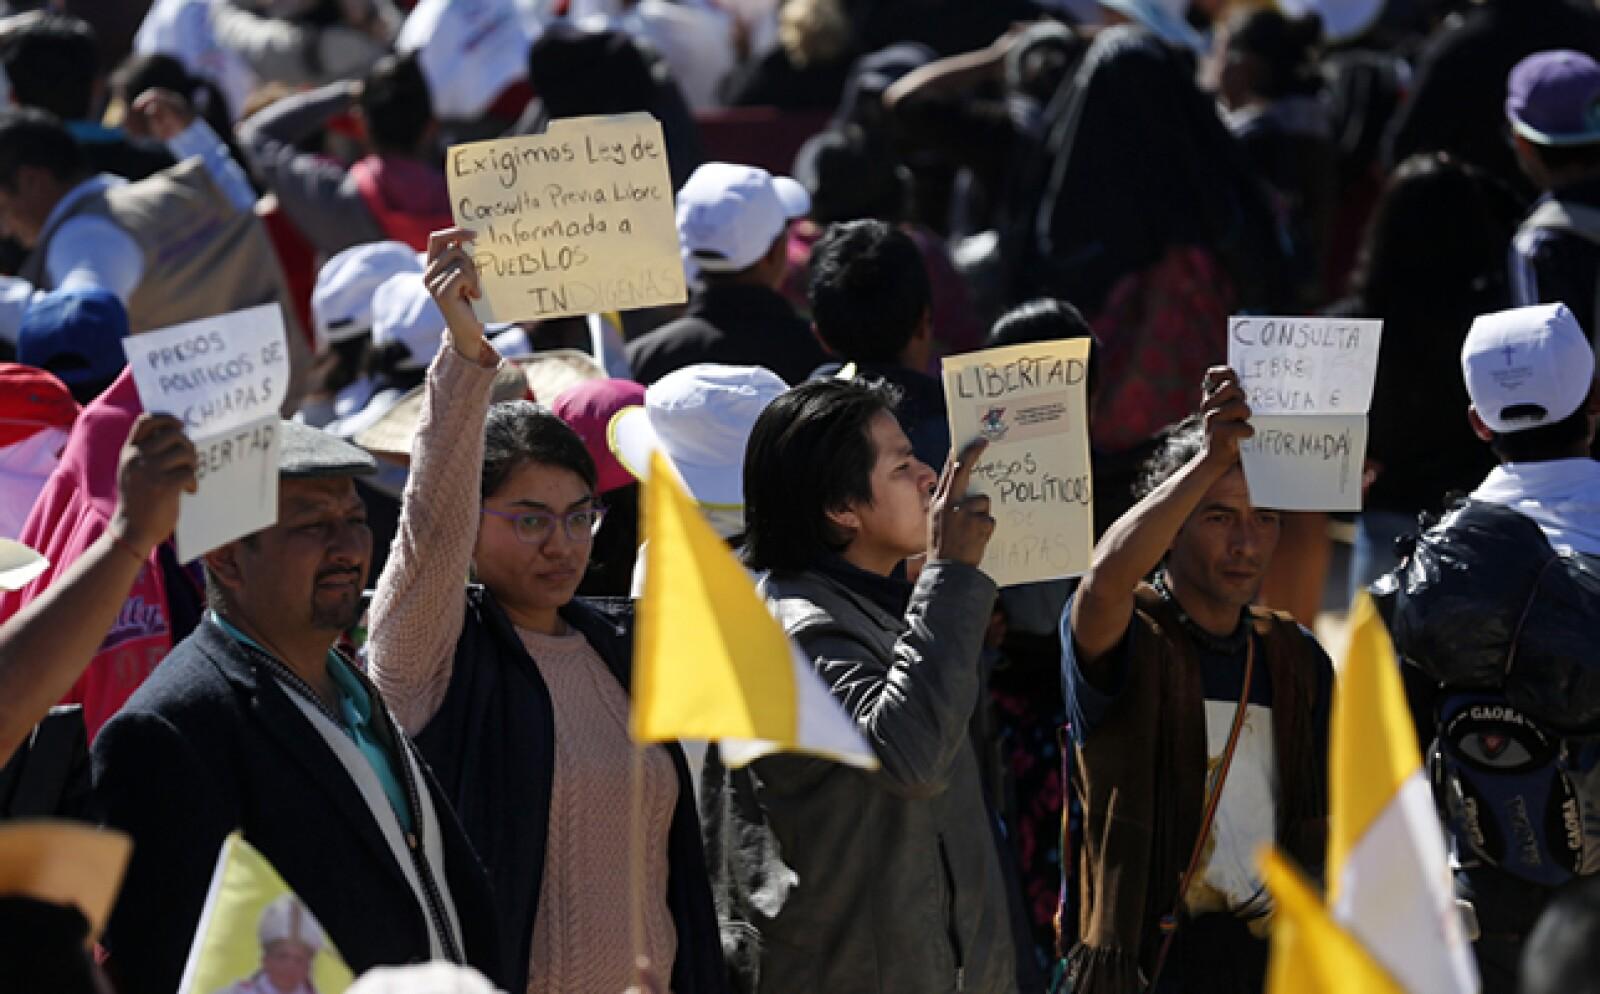 Durante el sermón de la homilía, el pontífice pidió perdón a los pueblos indígenas por el poco reconocimiento a su cultura, algunos asistentes llevaban pancartas de protesta.